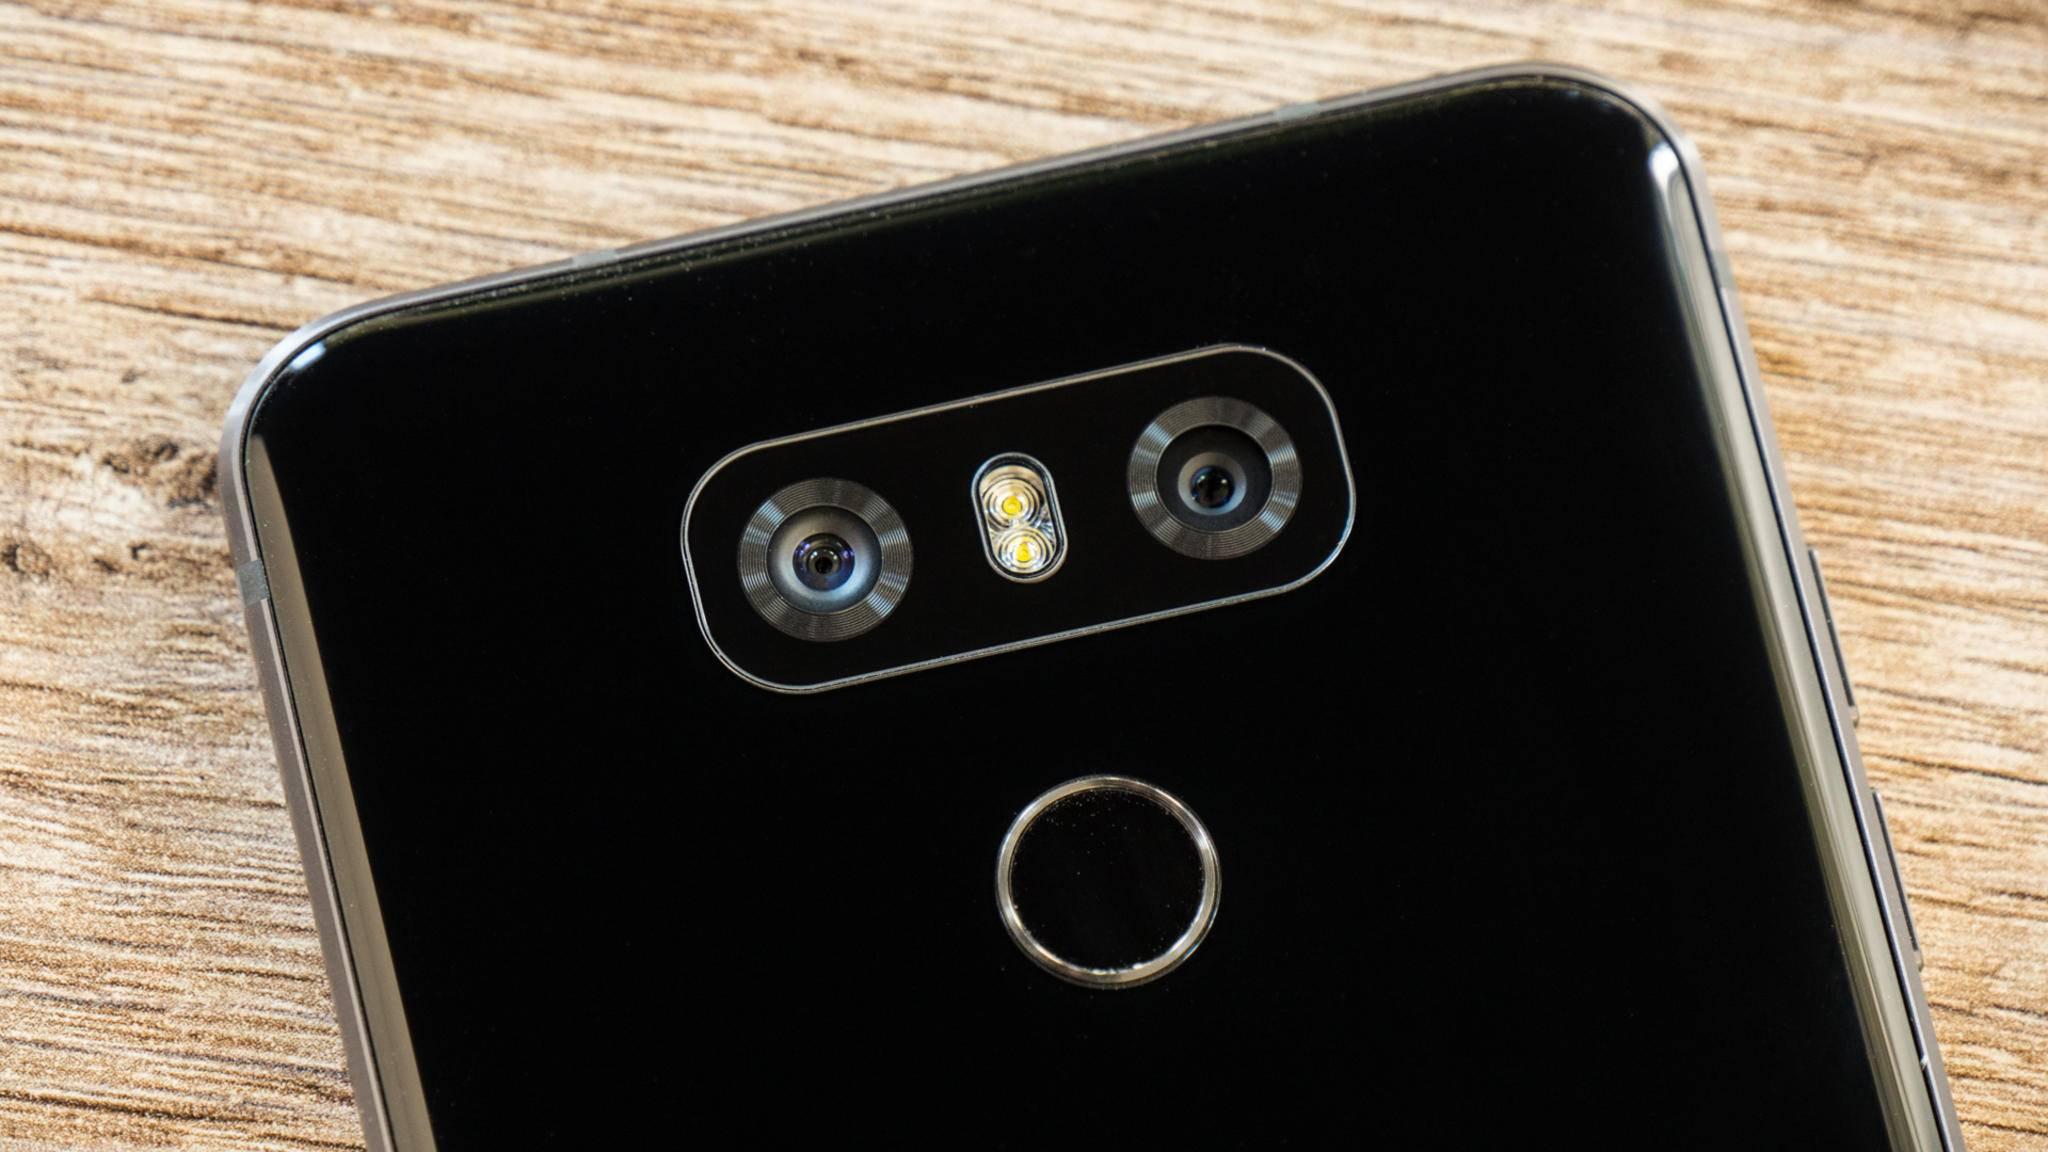 Der Nachfolger des LG G6 feiert vielleicht schon auf der CES 2018 einen Cameo-Auftritt.